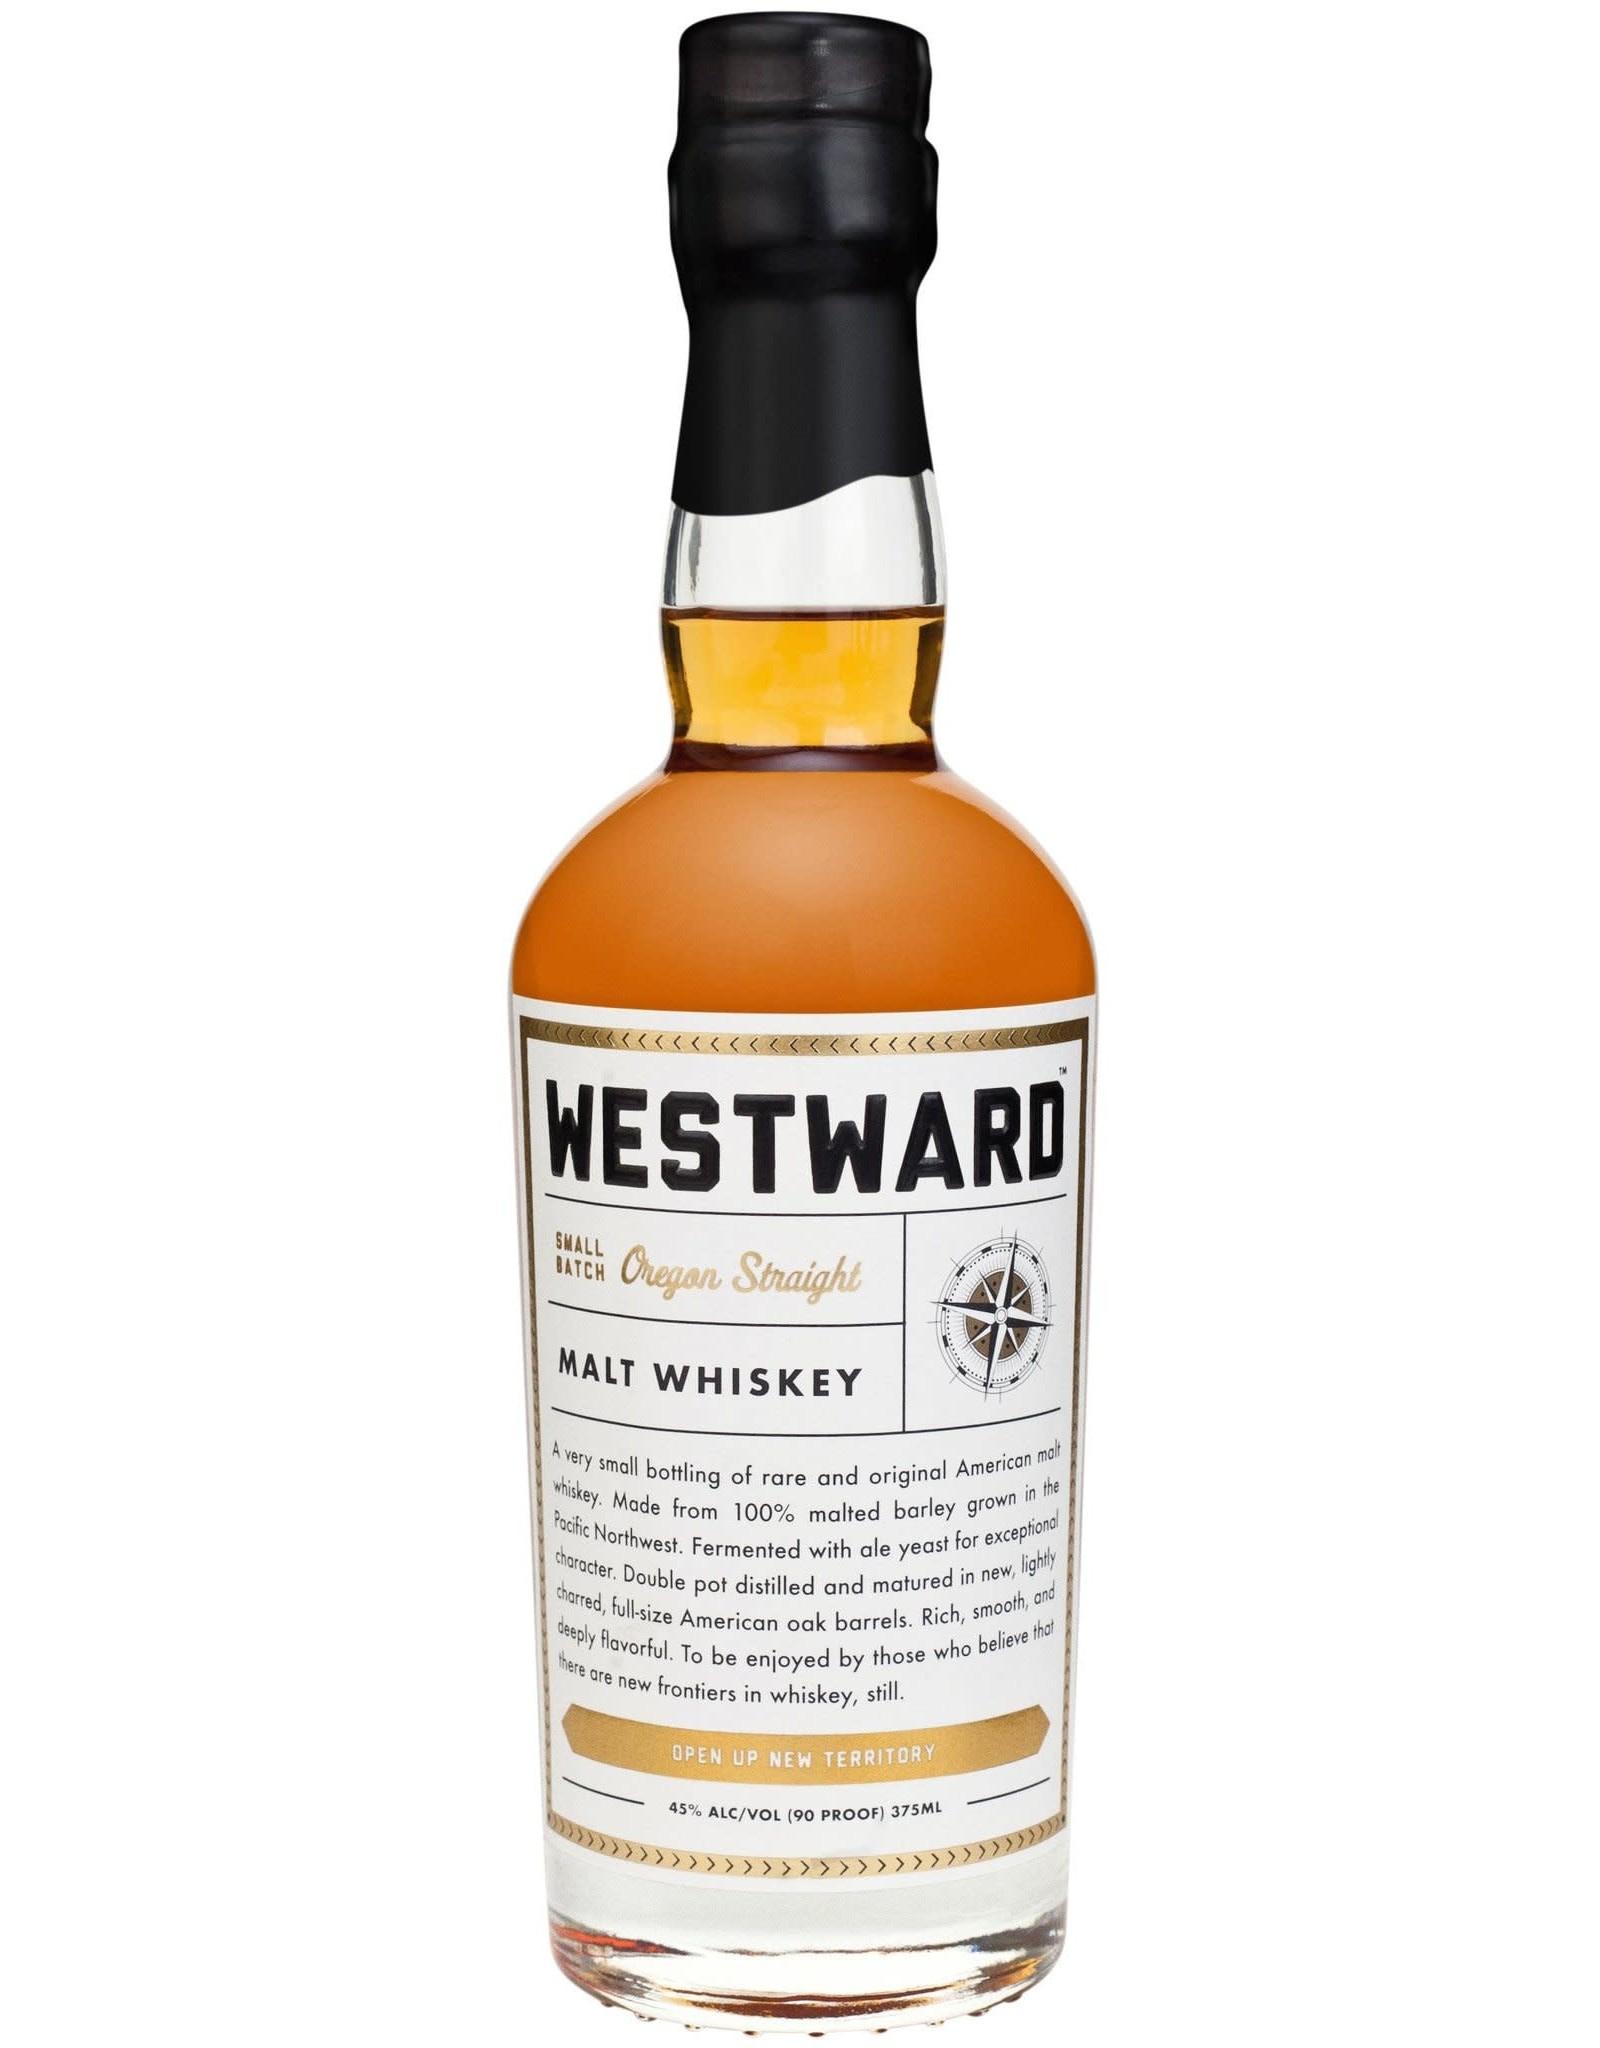 Westward Single Barrel Oregon Straight Malt Whiskey 375ml